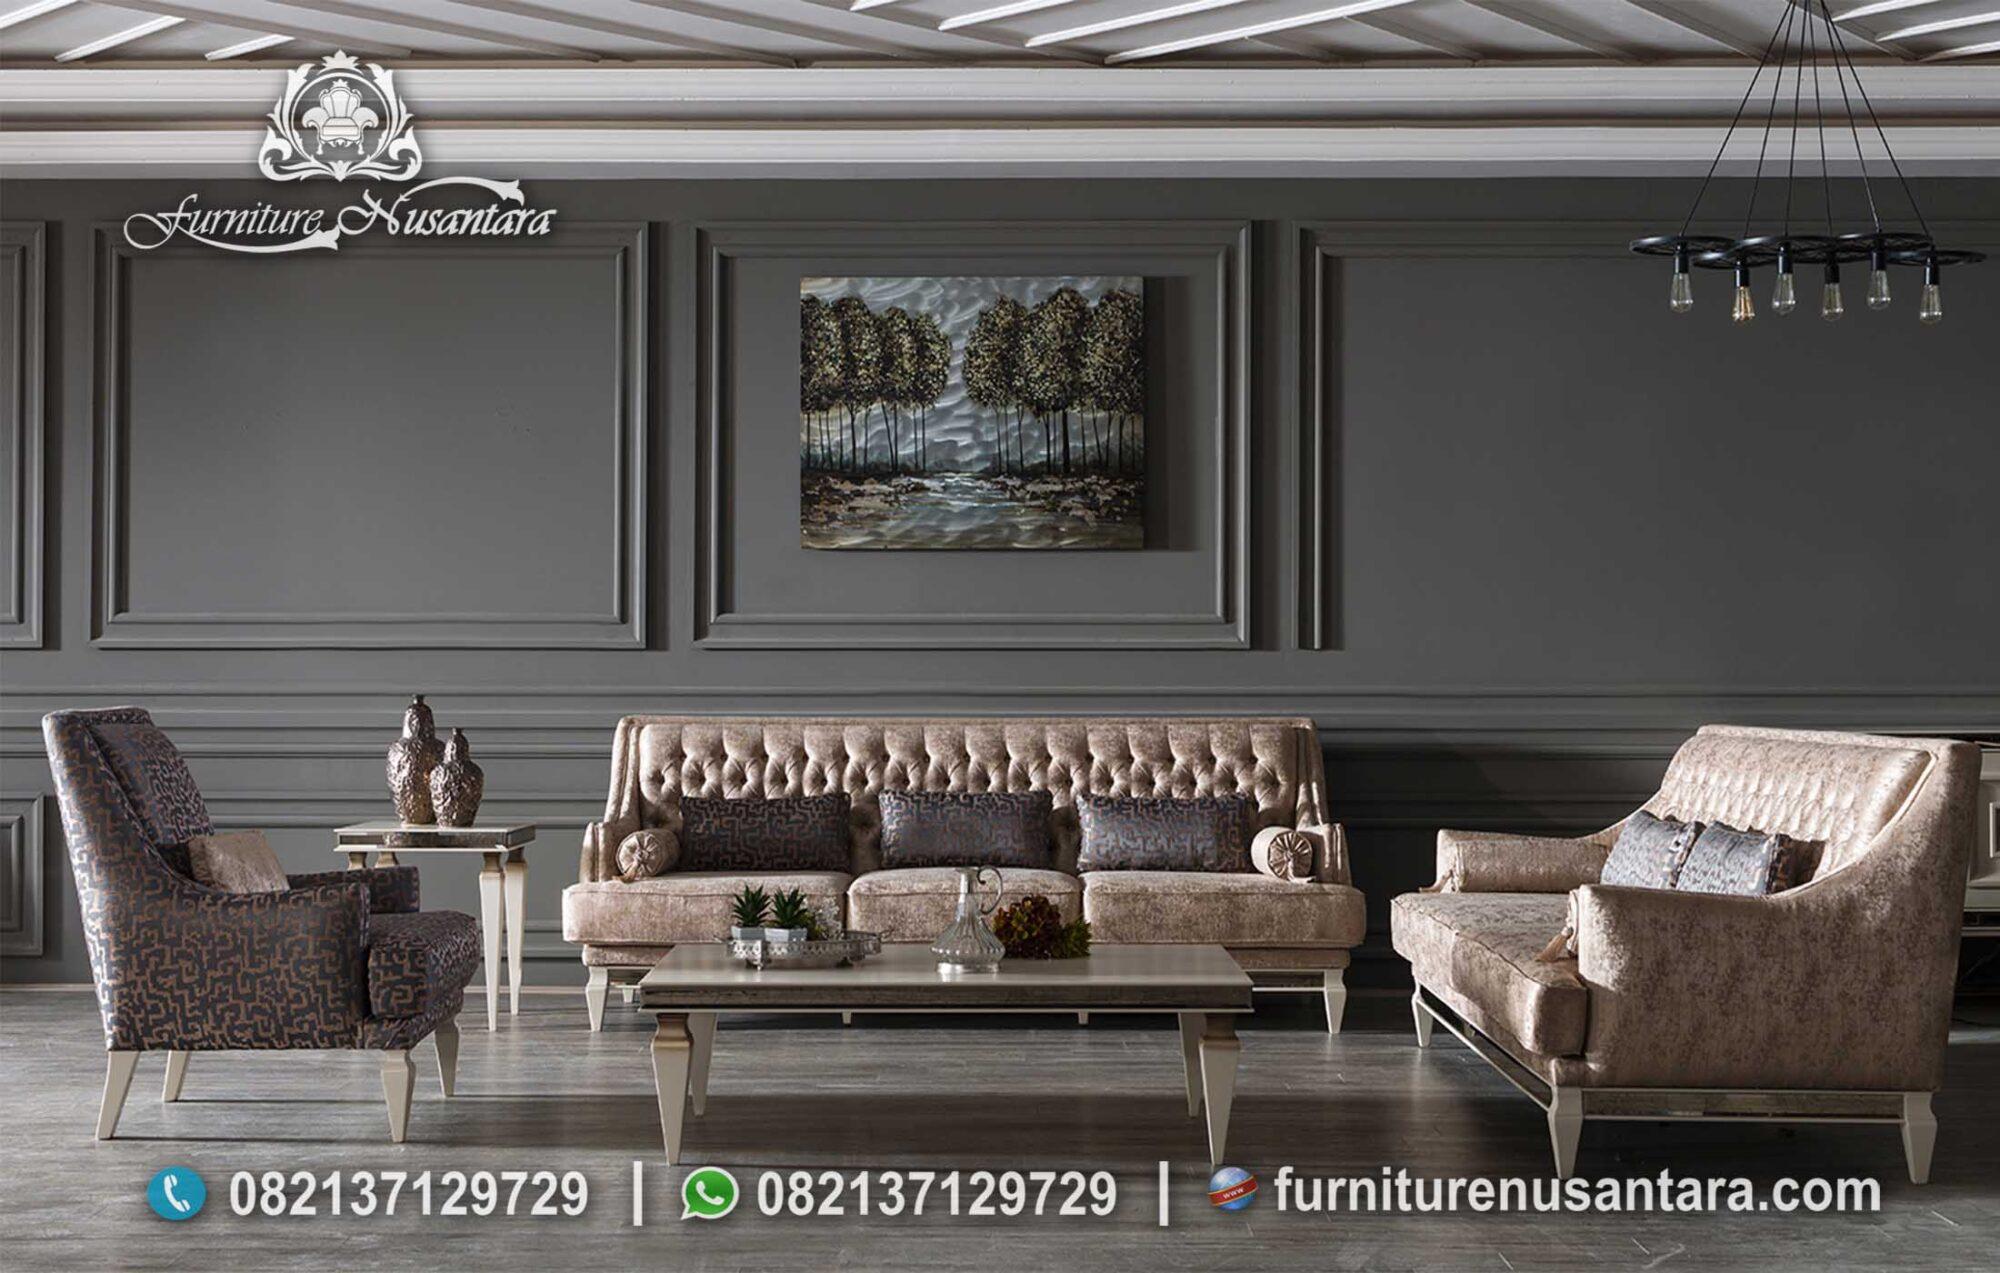 Contoh Sofa Tamu Minimalis Sederhana ST-61, Furniture Nusantara